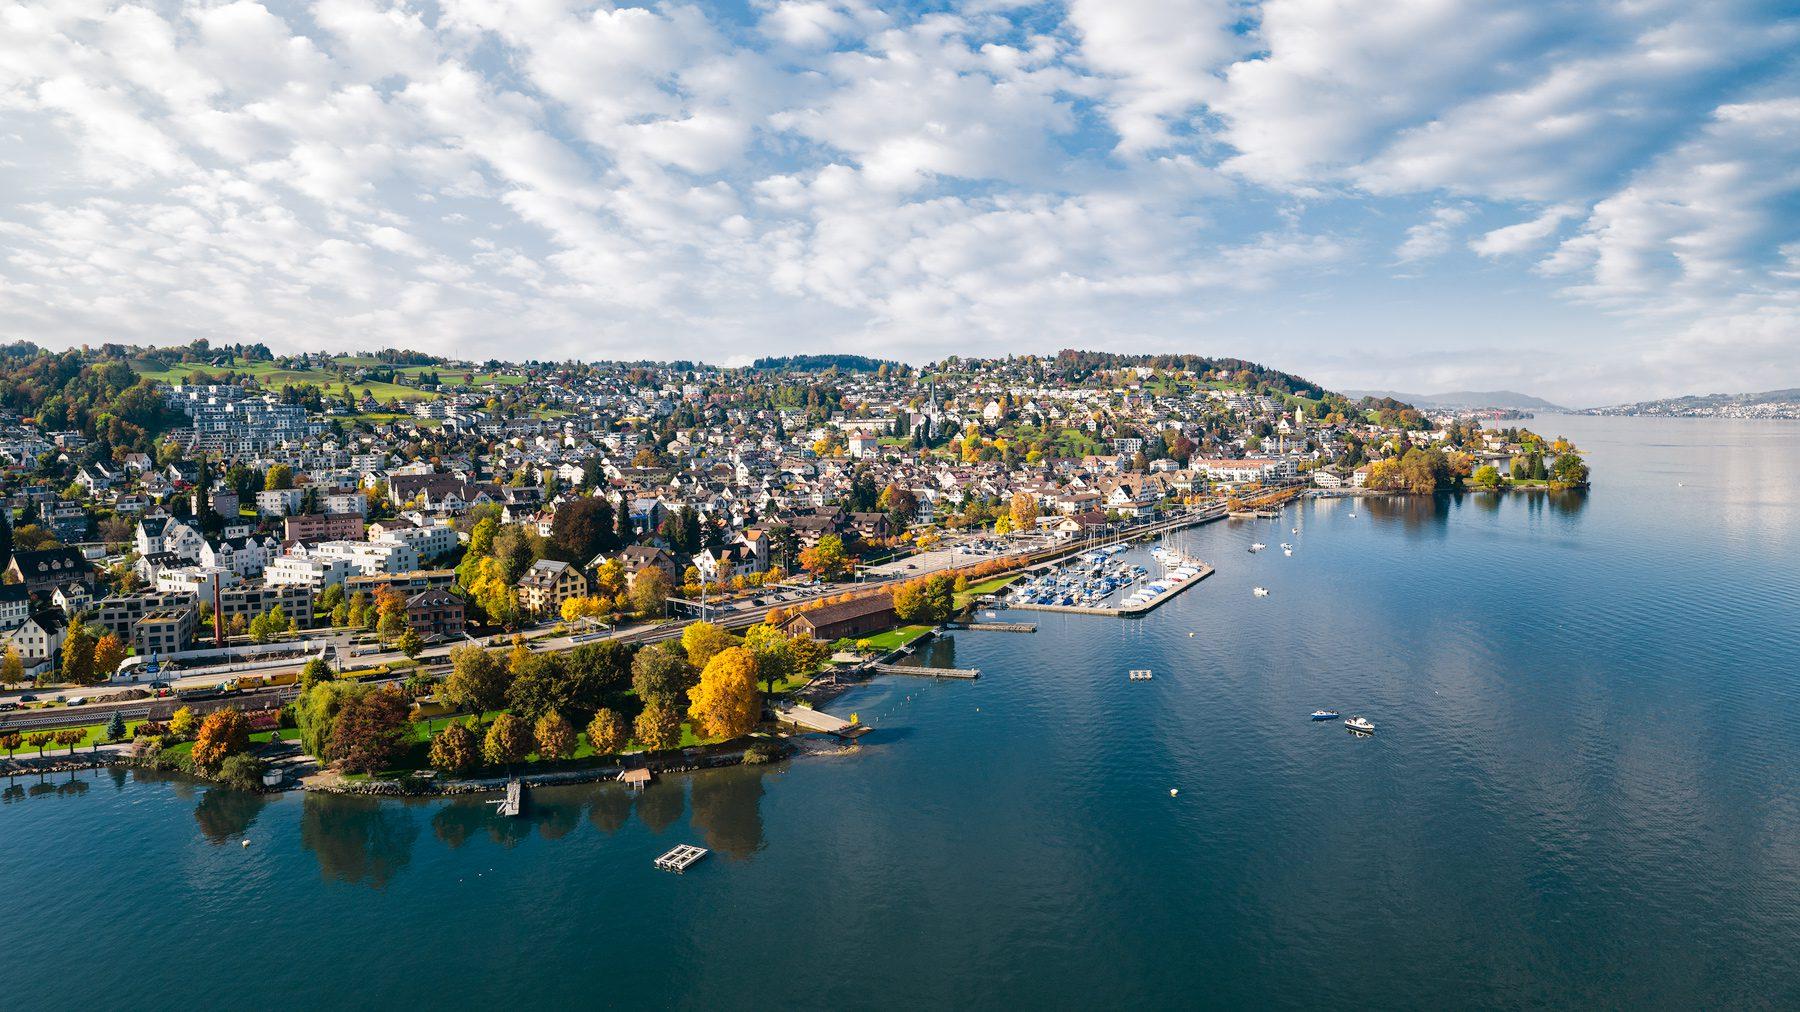 Luftaufnahme mit Drohne hoch über dem Zürichsee mit Blick auf Richterswil, Bad, Hafen, Bahnhof, Horn, Altschloss, Zürich